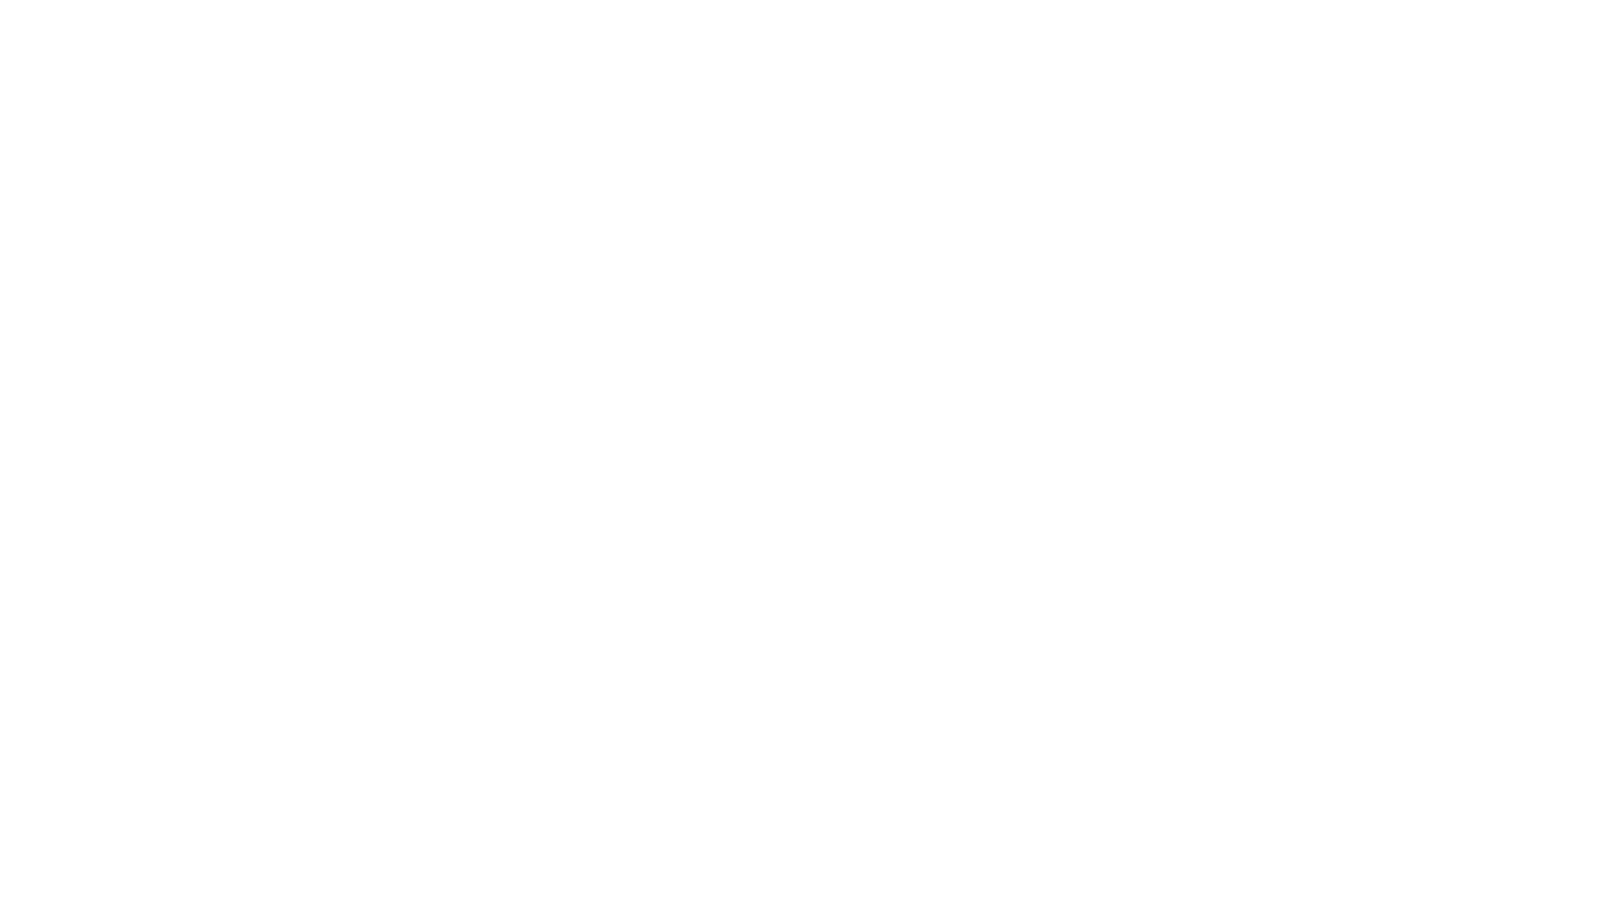 Desarrollamos soluciones de purificación del agua sostenibles y económicas para hacer frente a los retos sociales y ecológicos de la humanidad. El purificador ORISA®, fabricado en Francia, está dedicado a intervenciones de ONG para poblaciones sin acceso independiente al agua potable en situaciones de emergencia o de desarrollo humanitario. Más información: https://fontodevivo.com/ - Video producida por Soneo: https://www.soneo.fr/